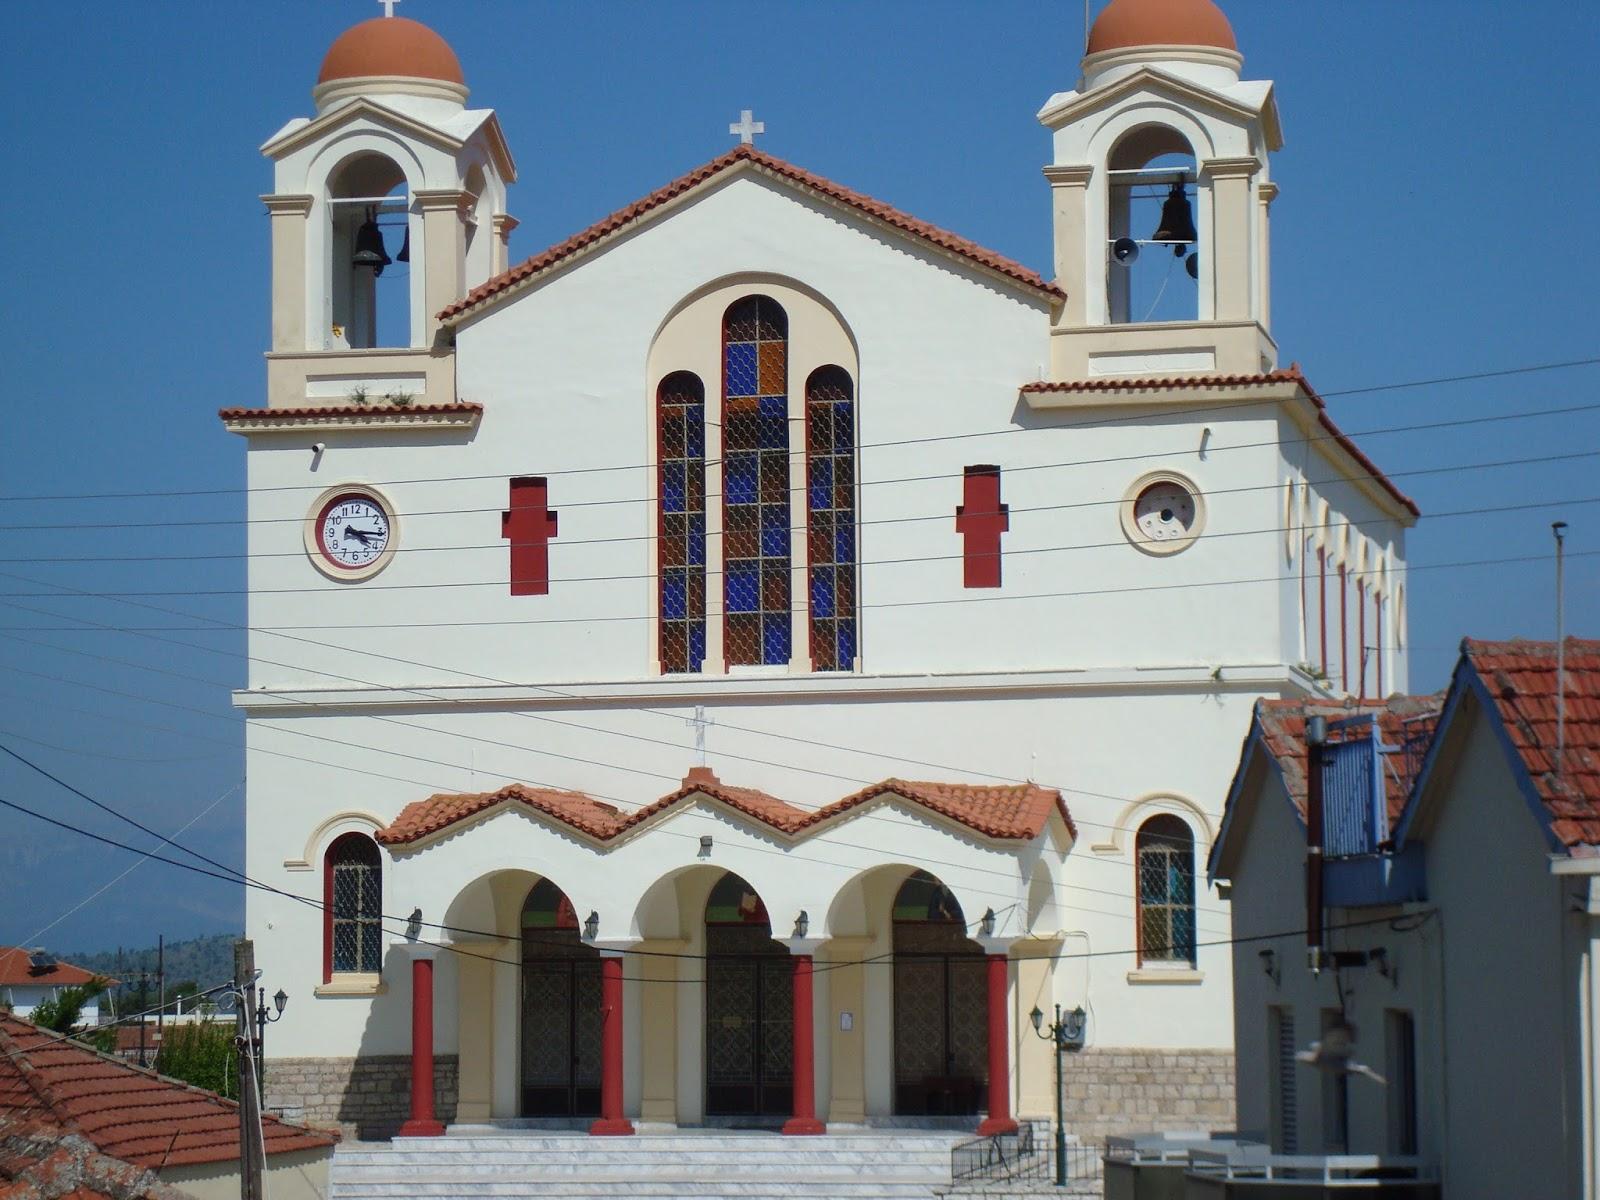 Φυτείες: To πρόγραμμα εορτασμού του Αγίου Ιωάννη του Θεολόγου